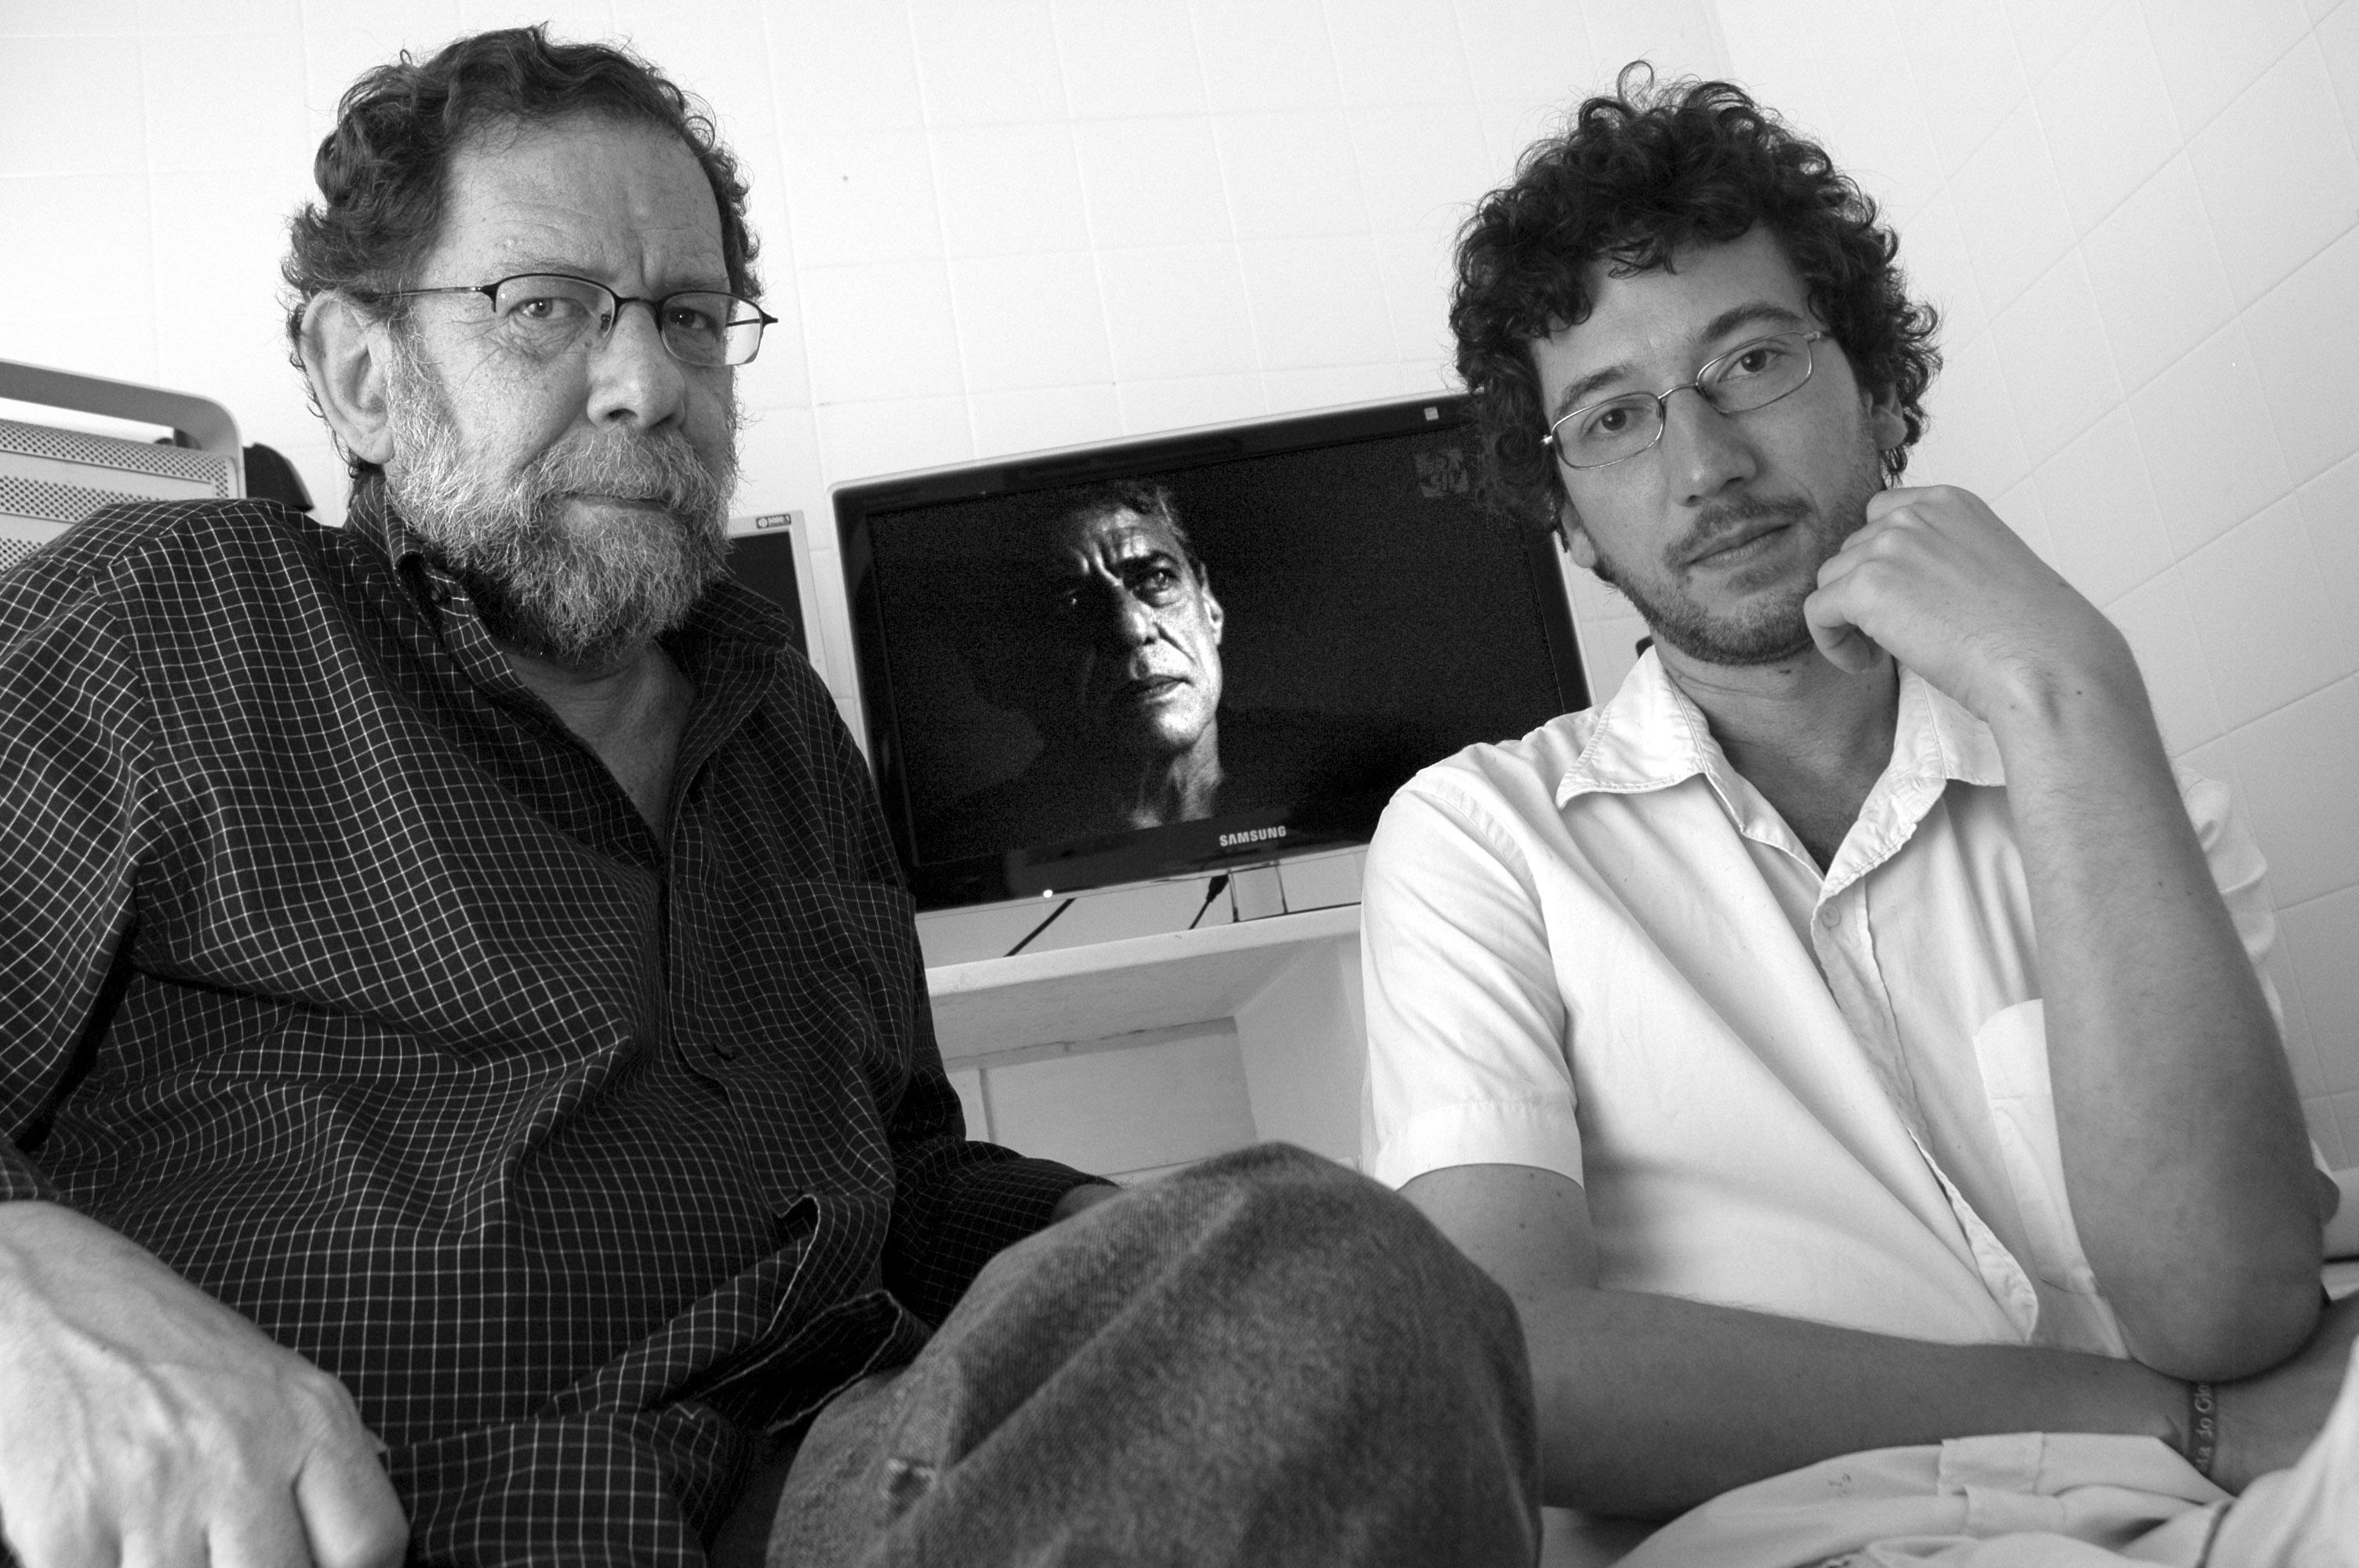 Filmes Sobre Musicos intended for sangue latino – canal brasil e nepomuceno filmes: entrevistas com